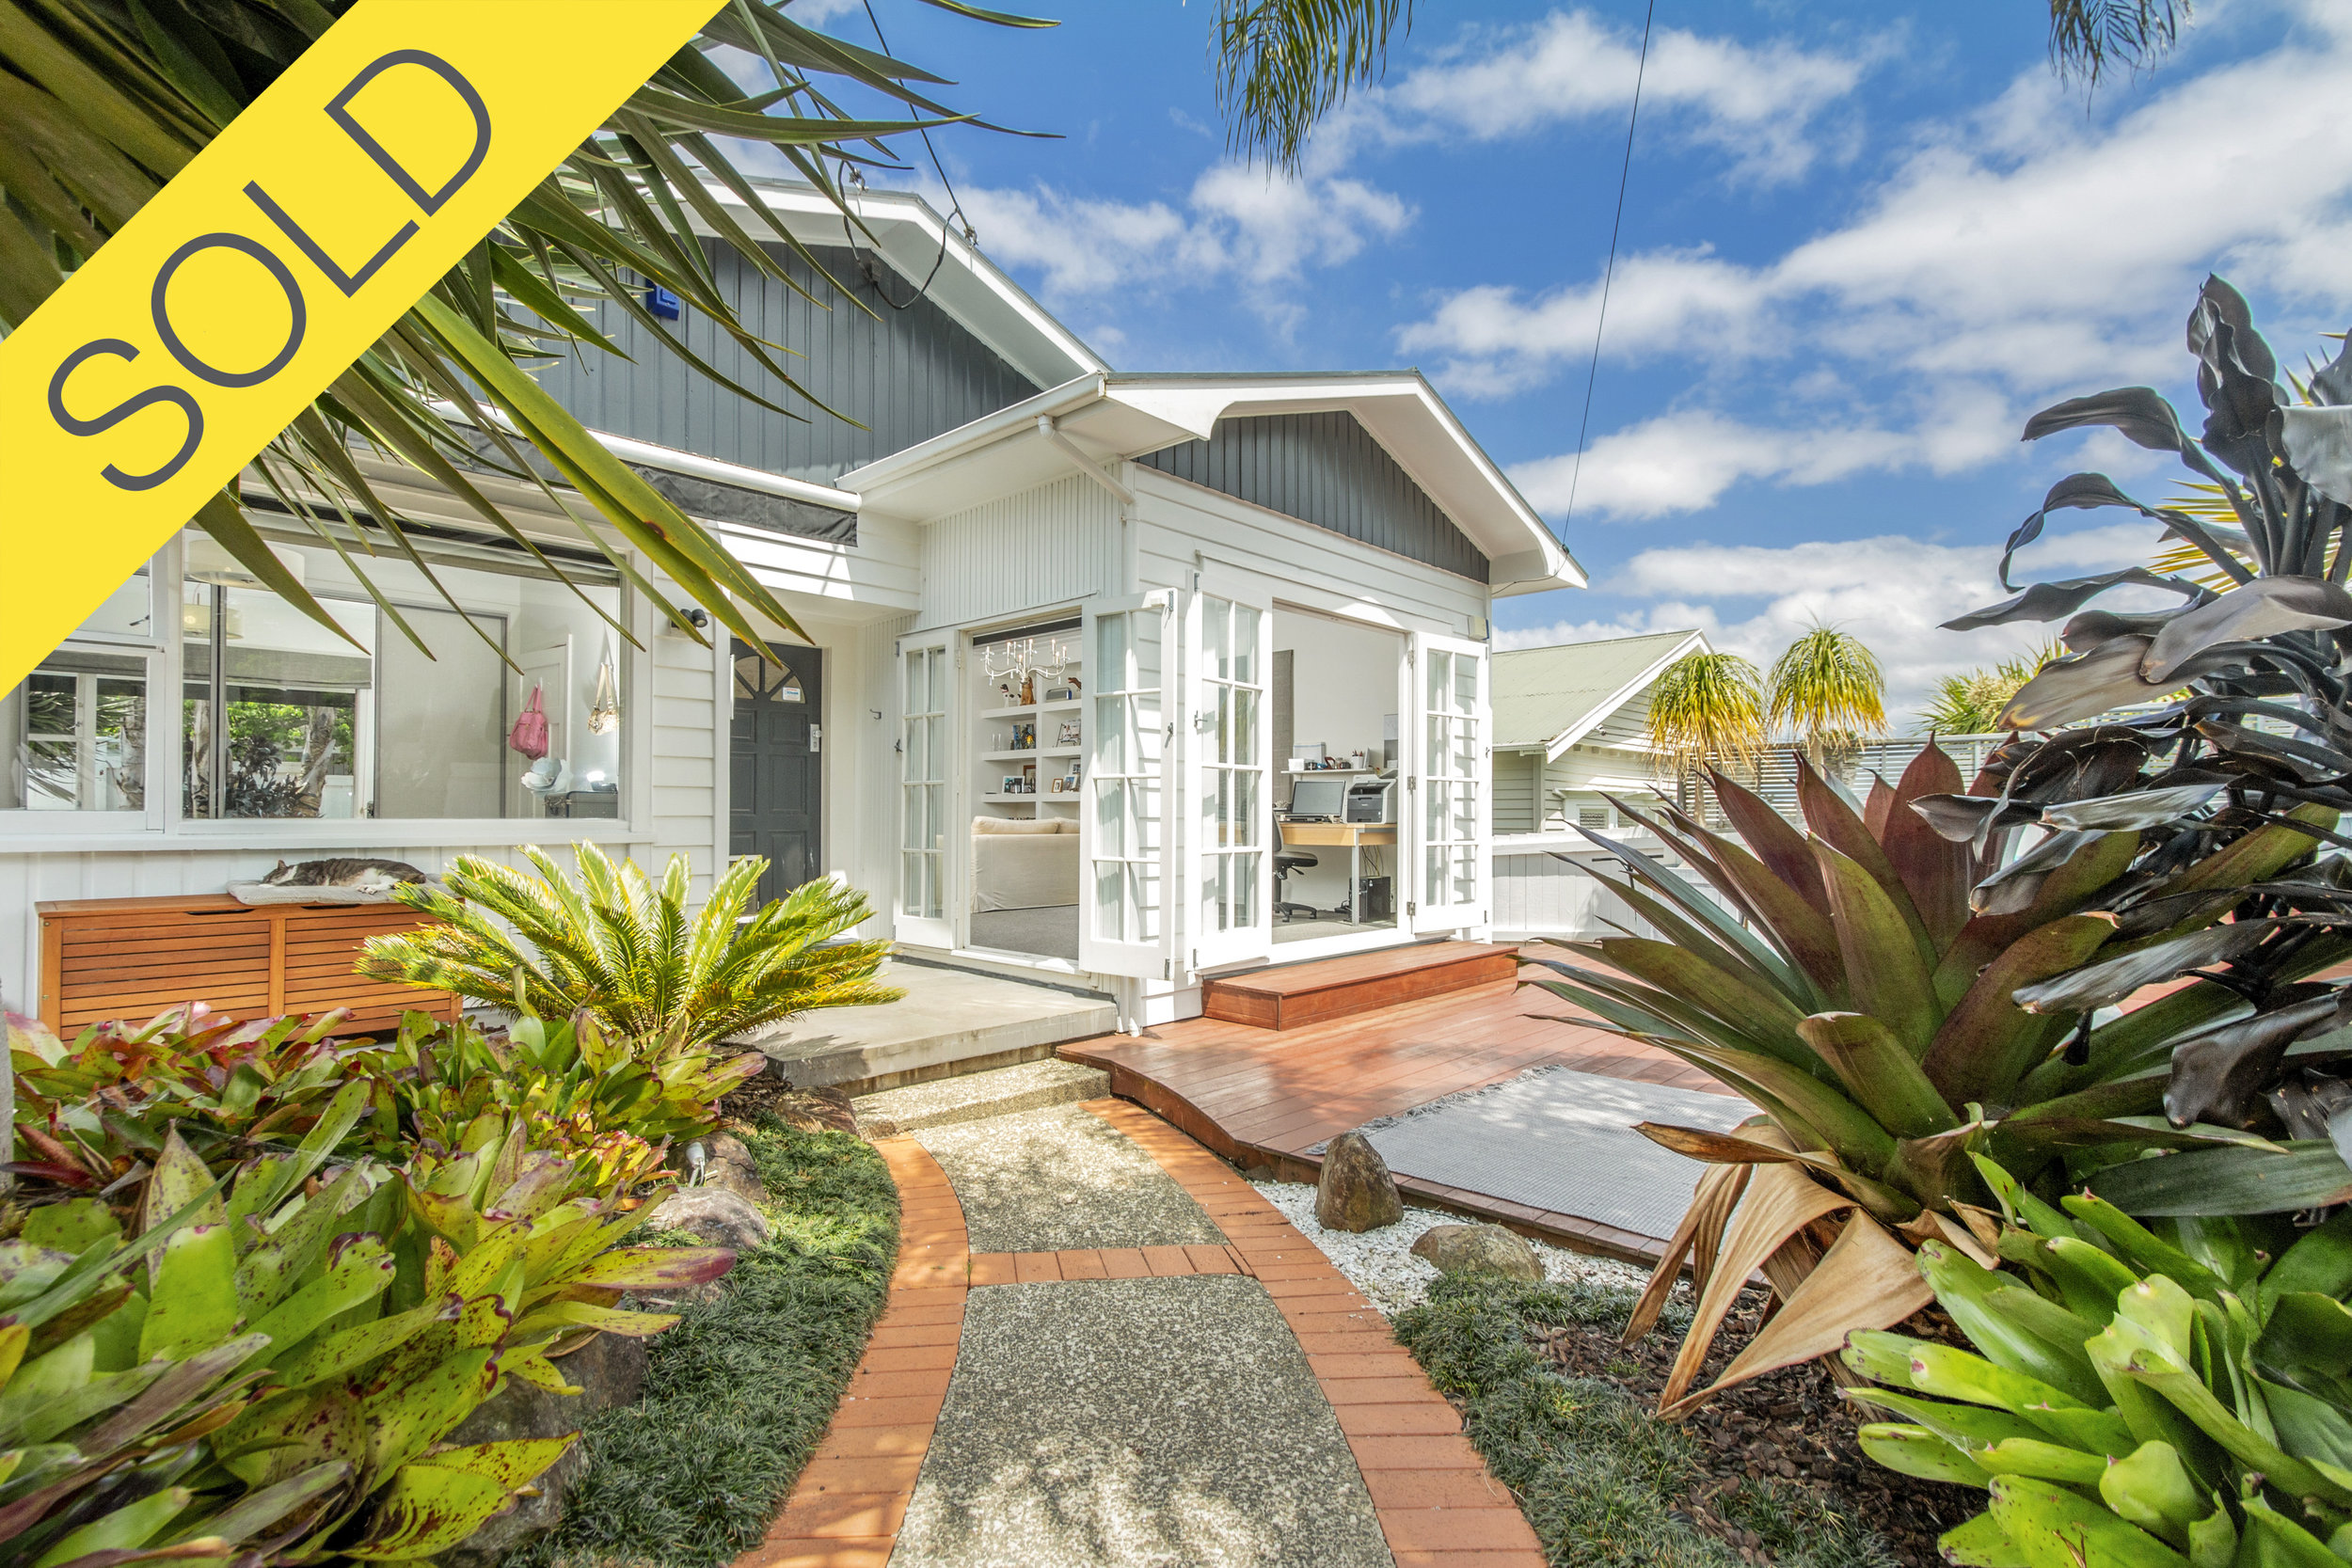 26 Highland Road, Mount Albert, Auckland - SOLD DECEMBER 20184 Beds I 2 Baths I 3 Cars